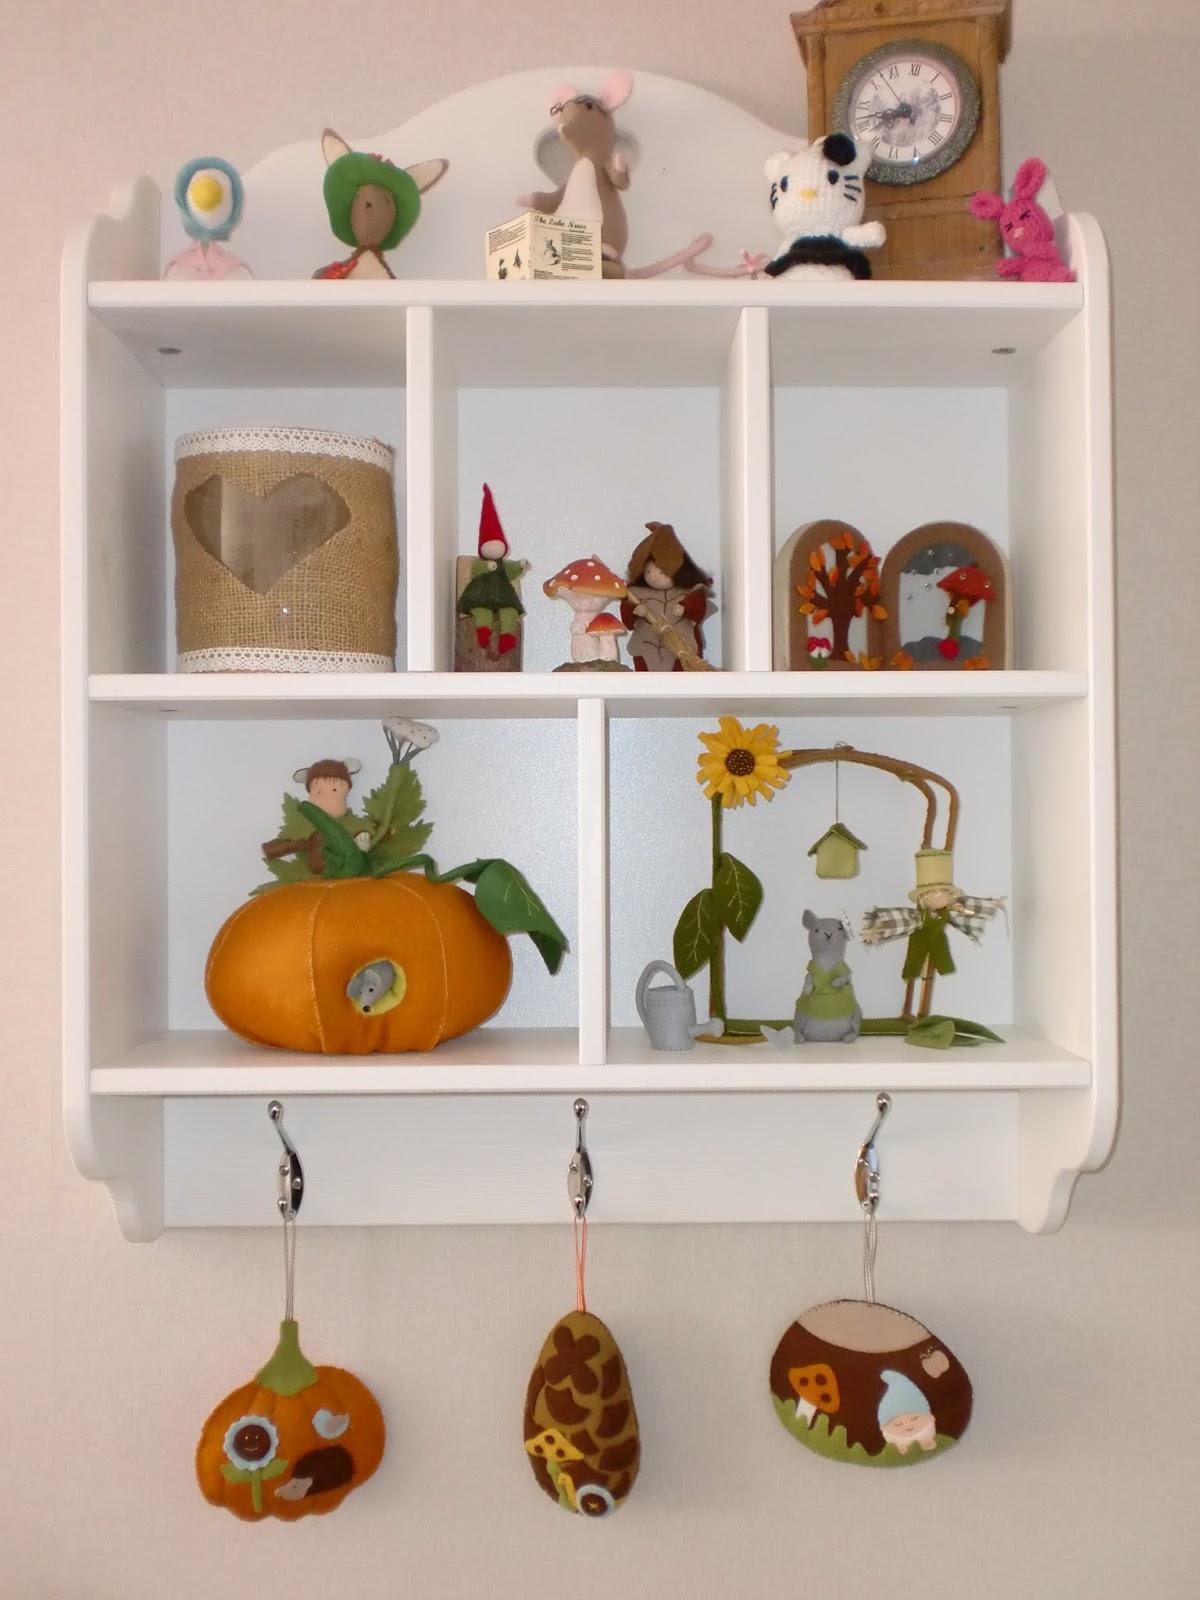 Jolandaas blog herfstsfeer in huis for Huis gezellig maken